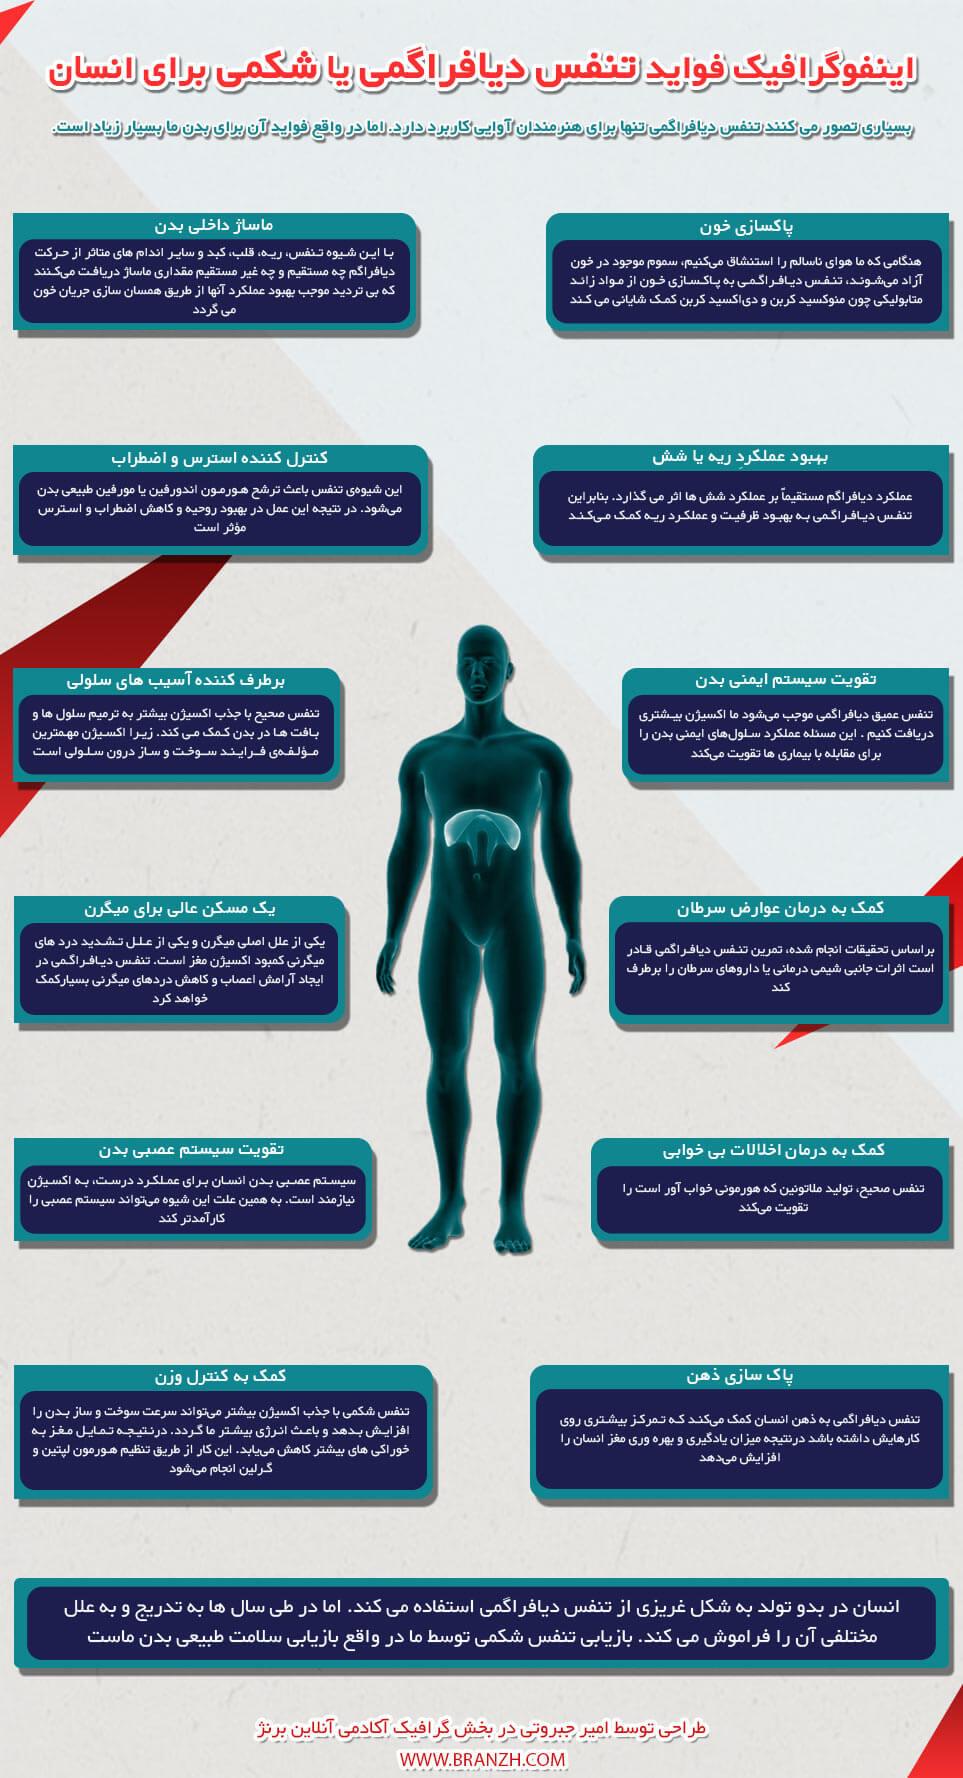 اینفوگرافیک فواید تنفس دیافراگمی یا شکمی برای سلامتی انسان